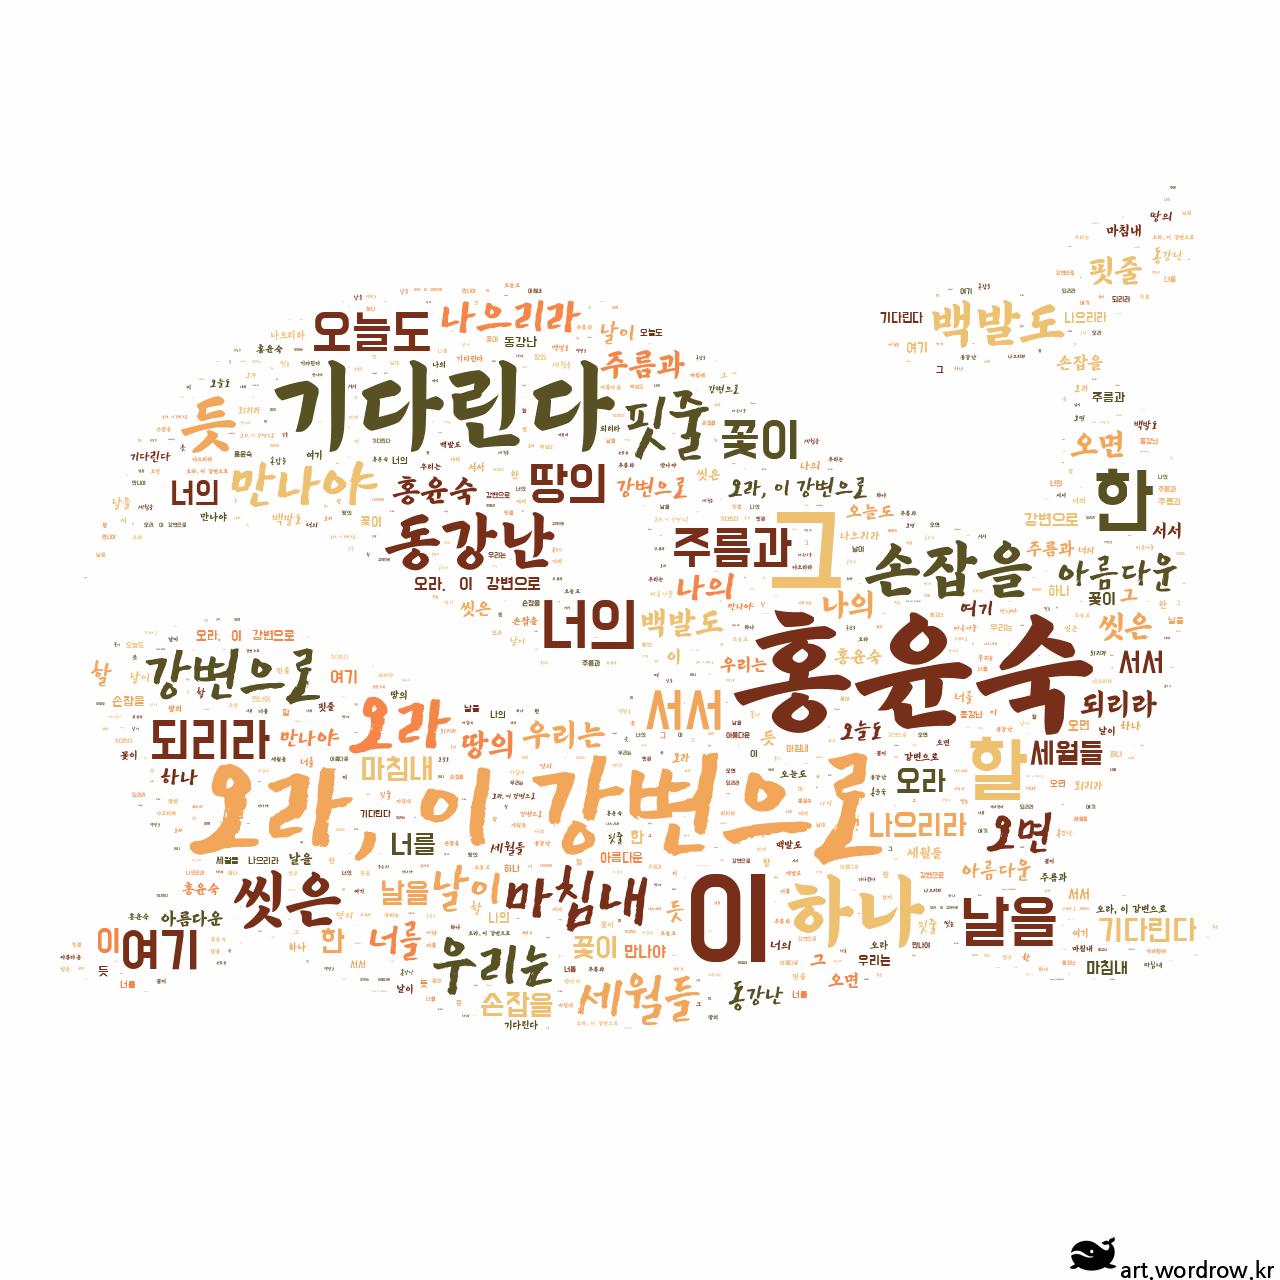 워드 클라우드: 오라, 이 강변으로 [홍윤숙]-2